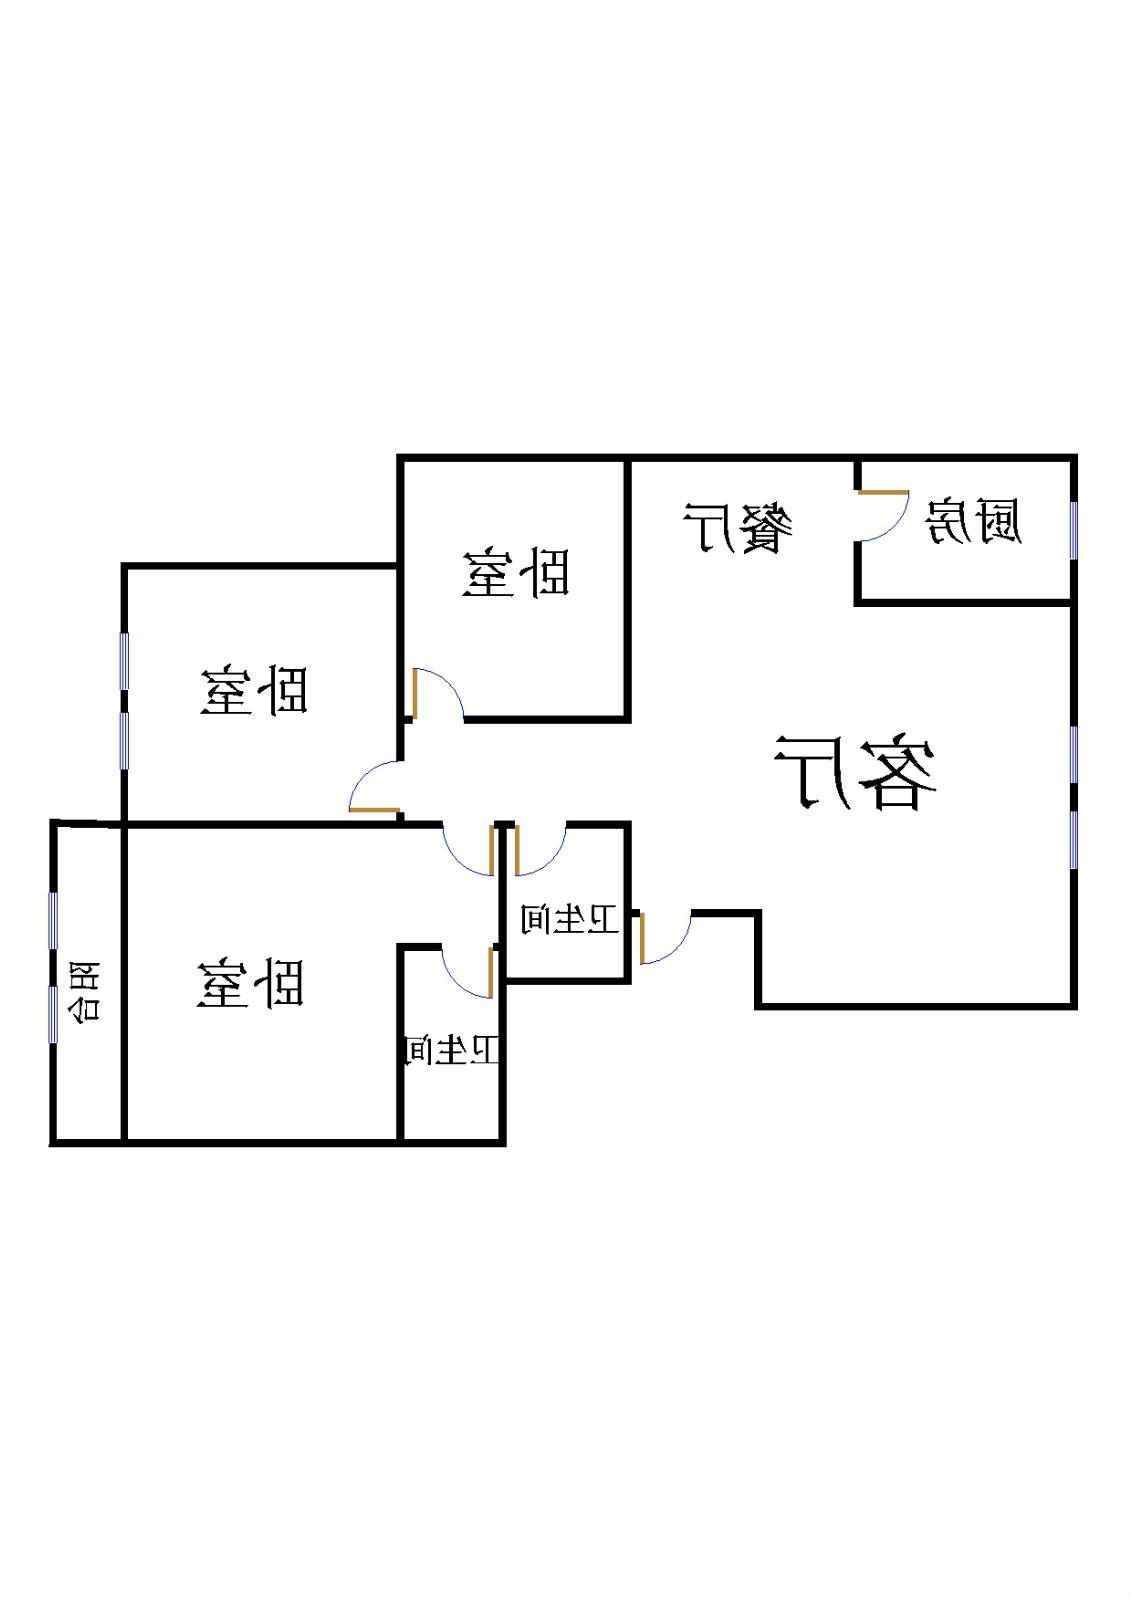 星河湾 2室2厅 7楼